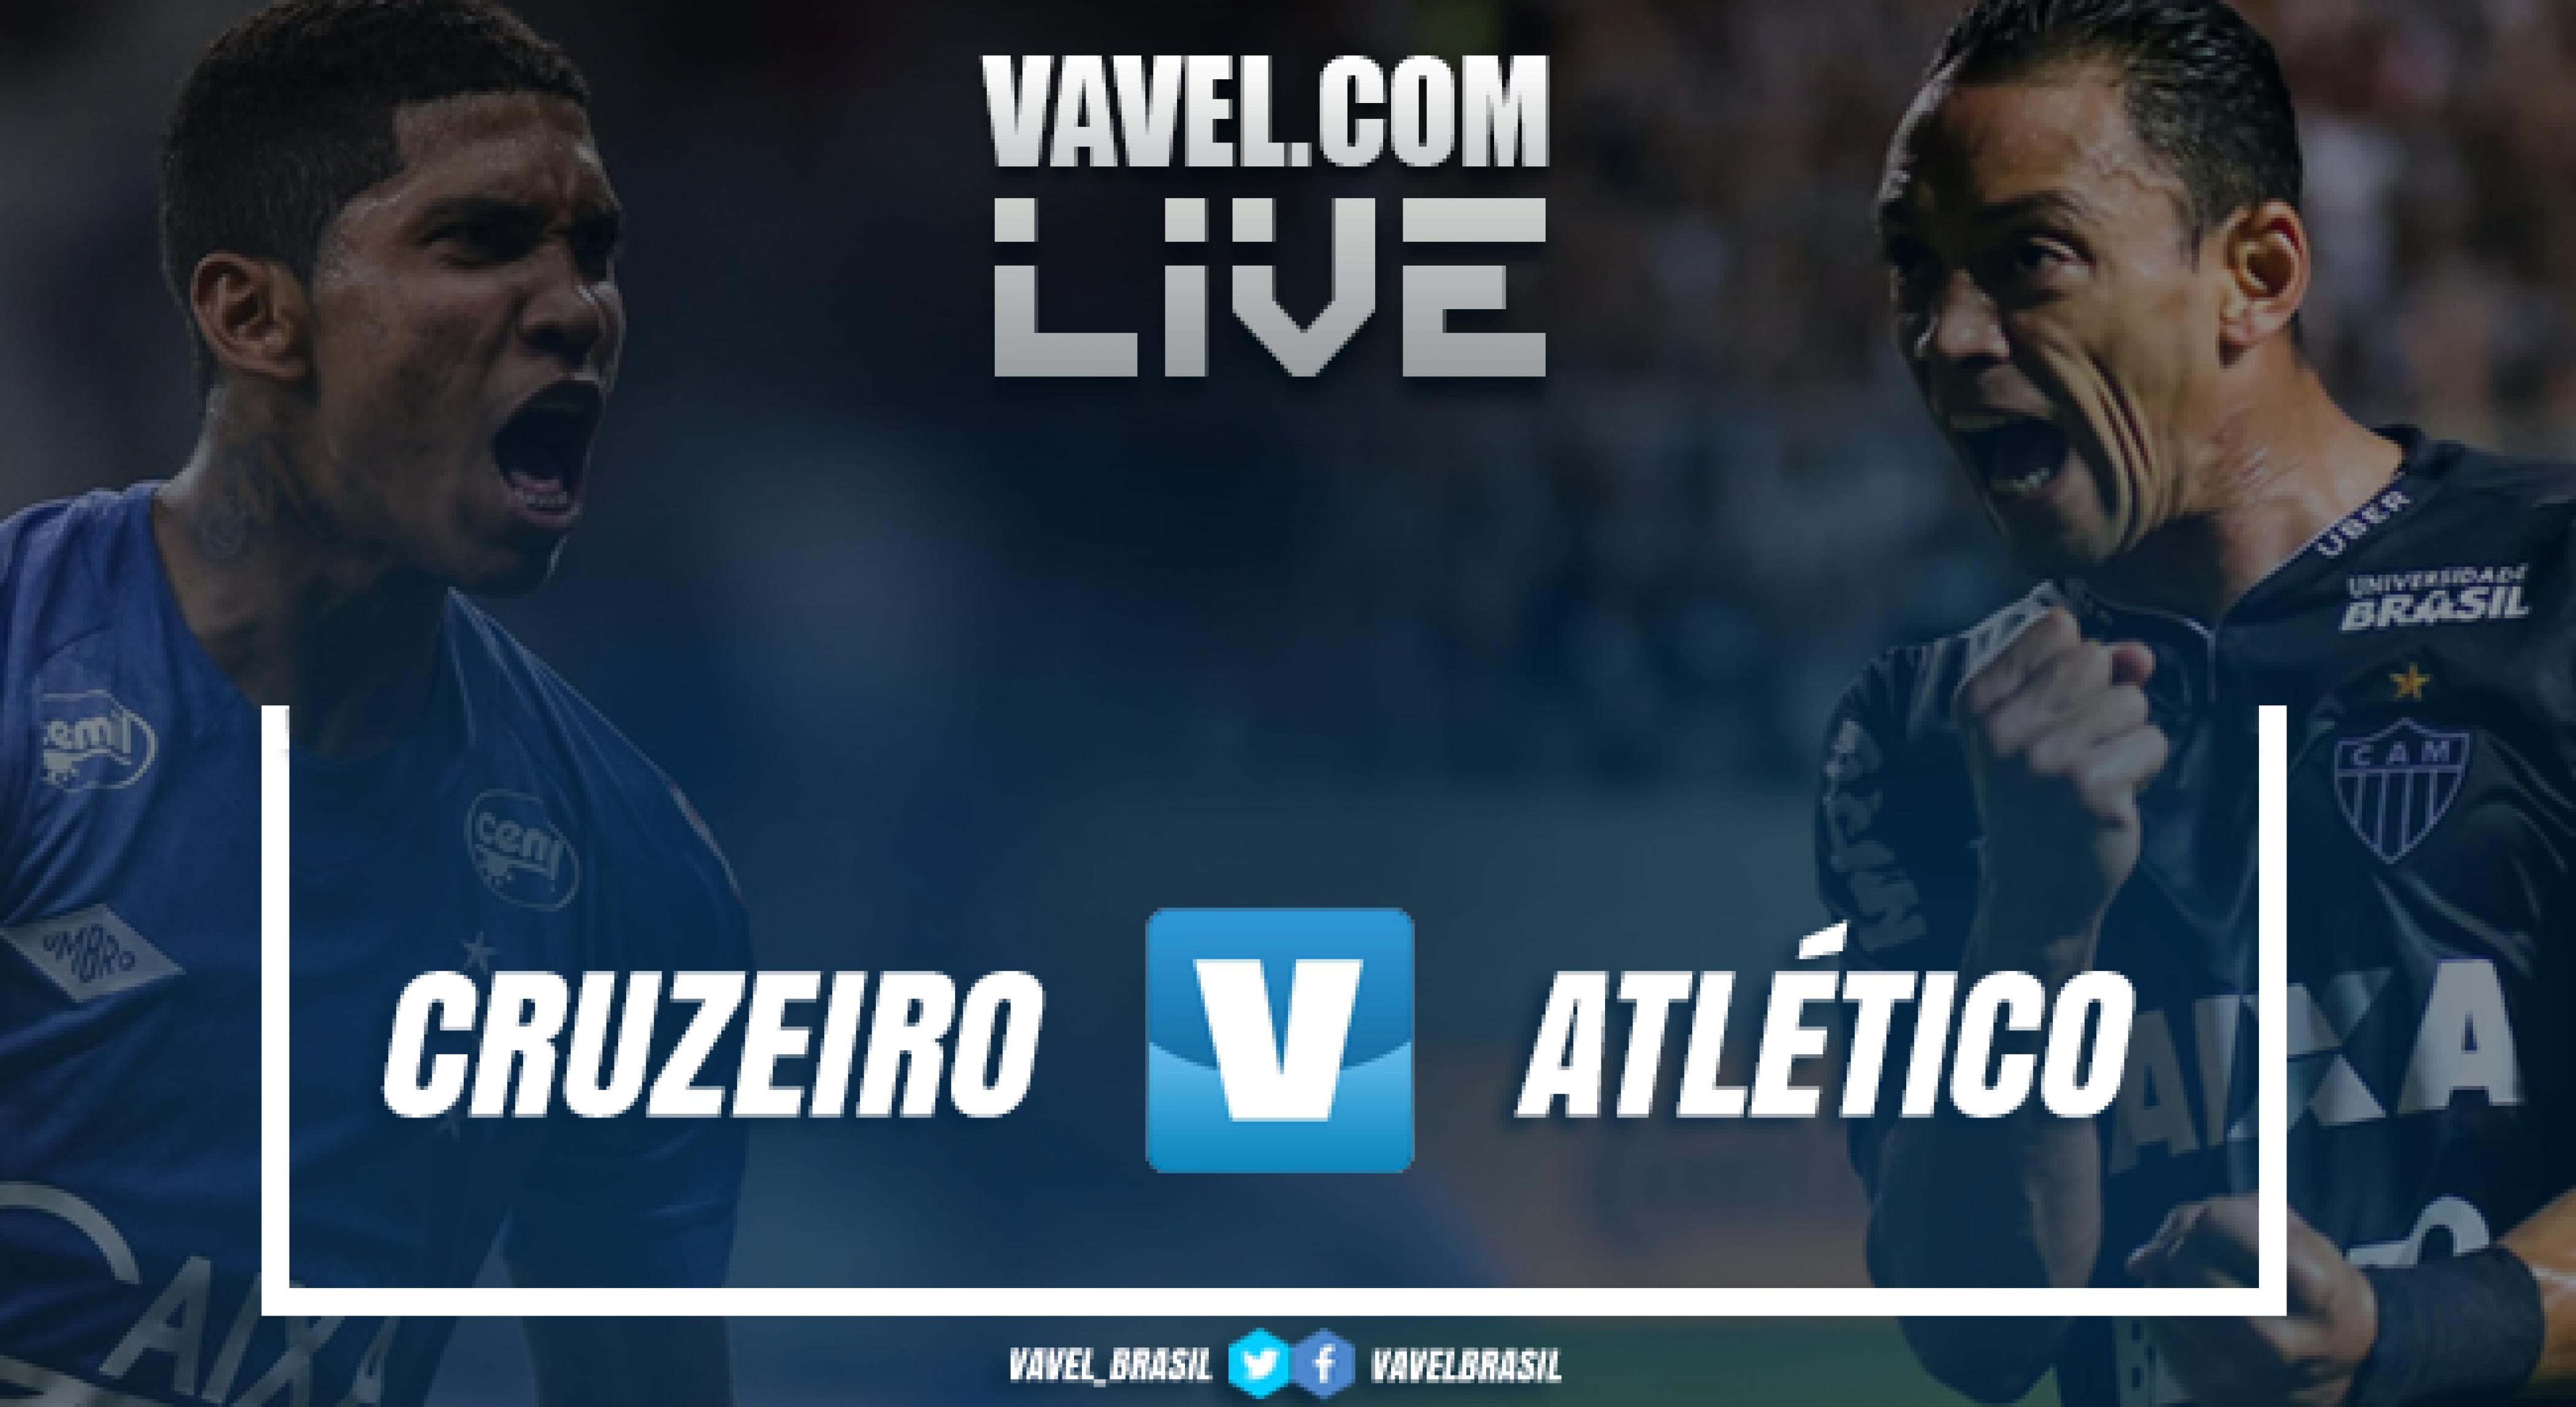 Resultado Cruzeiro 1 x 1 Atlético-MG pelo Campeonato Mineiro 2019